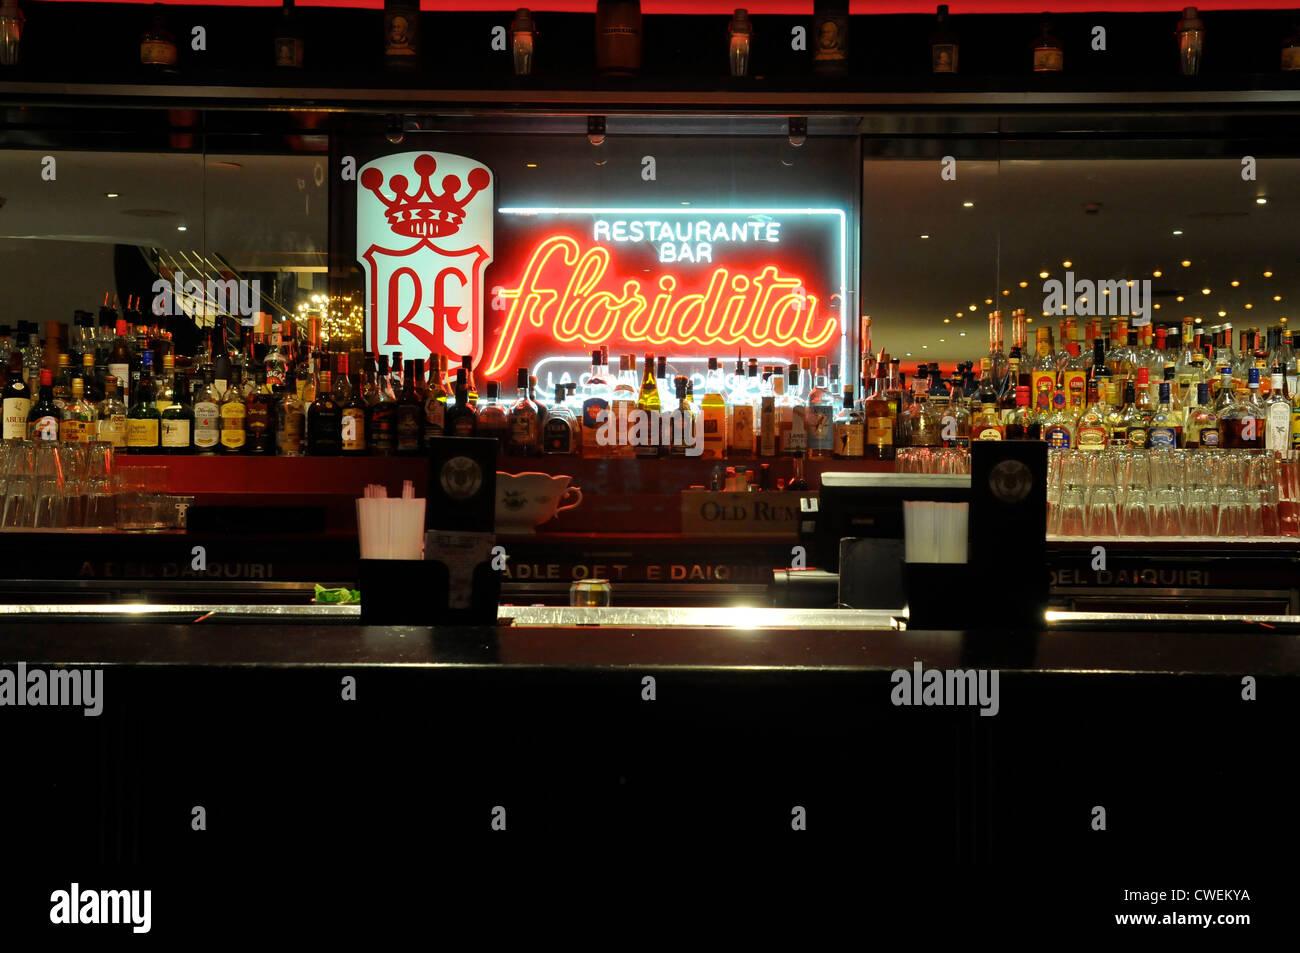 Floridita Cuban Bar, Wardour Street, Soho, London - Stock Image